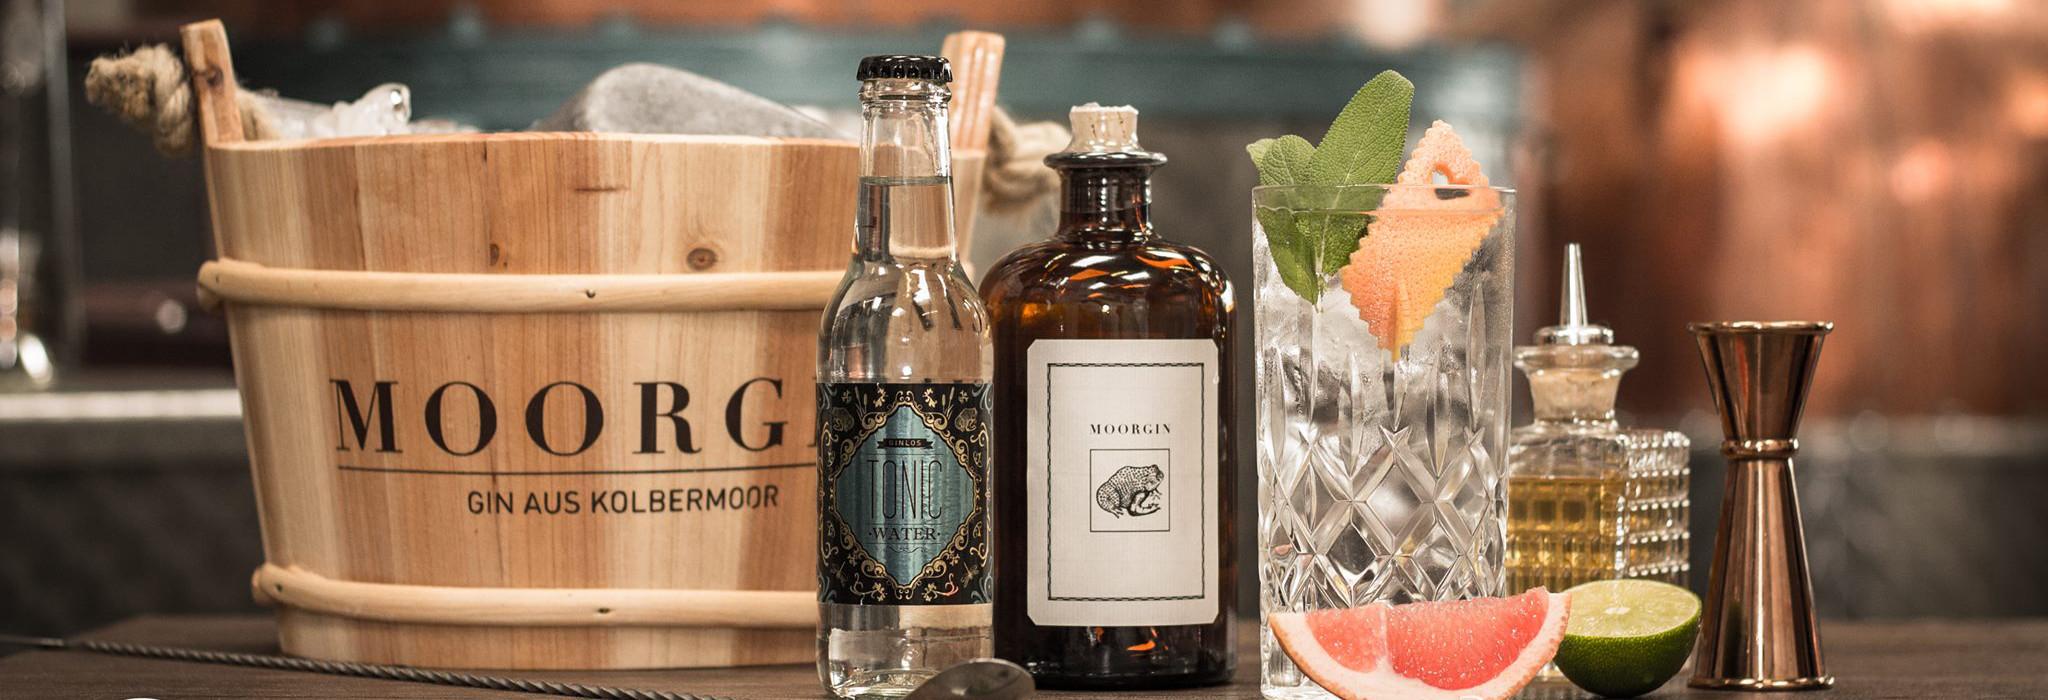 """<p>Die ganz besondere Gin Rezeptur! Kolbermoor – Der Name sagt schon alles: """"MOORGIN"""" heißt die hochprozentige Gin-Kreation aus dem schönen [&hellip;]</p>"""